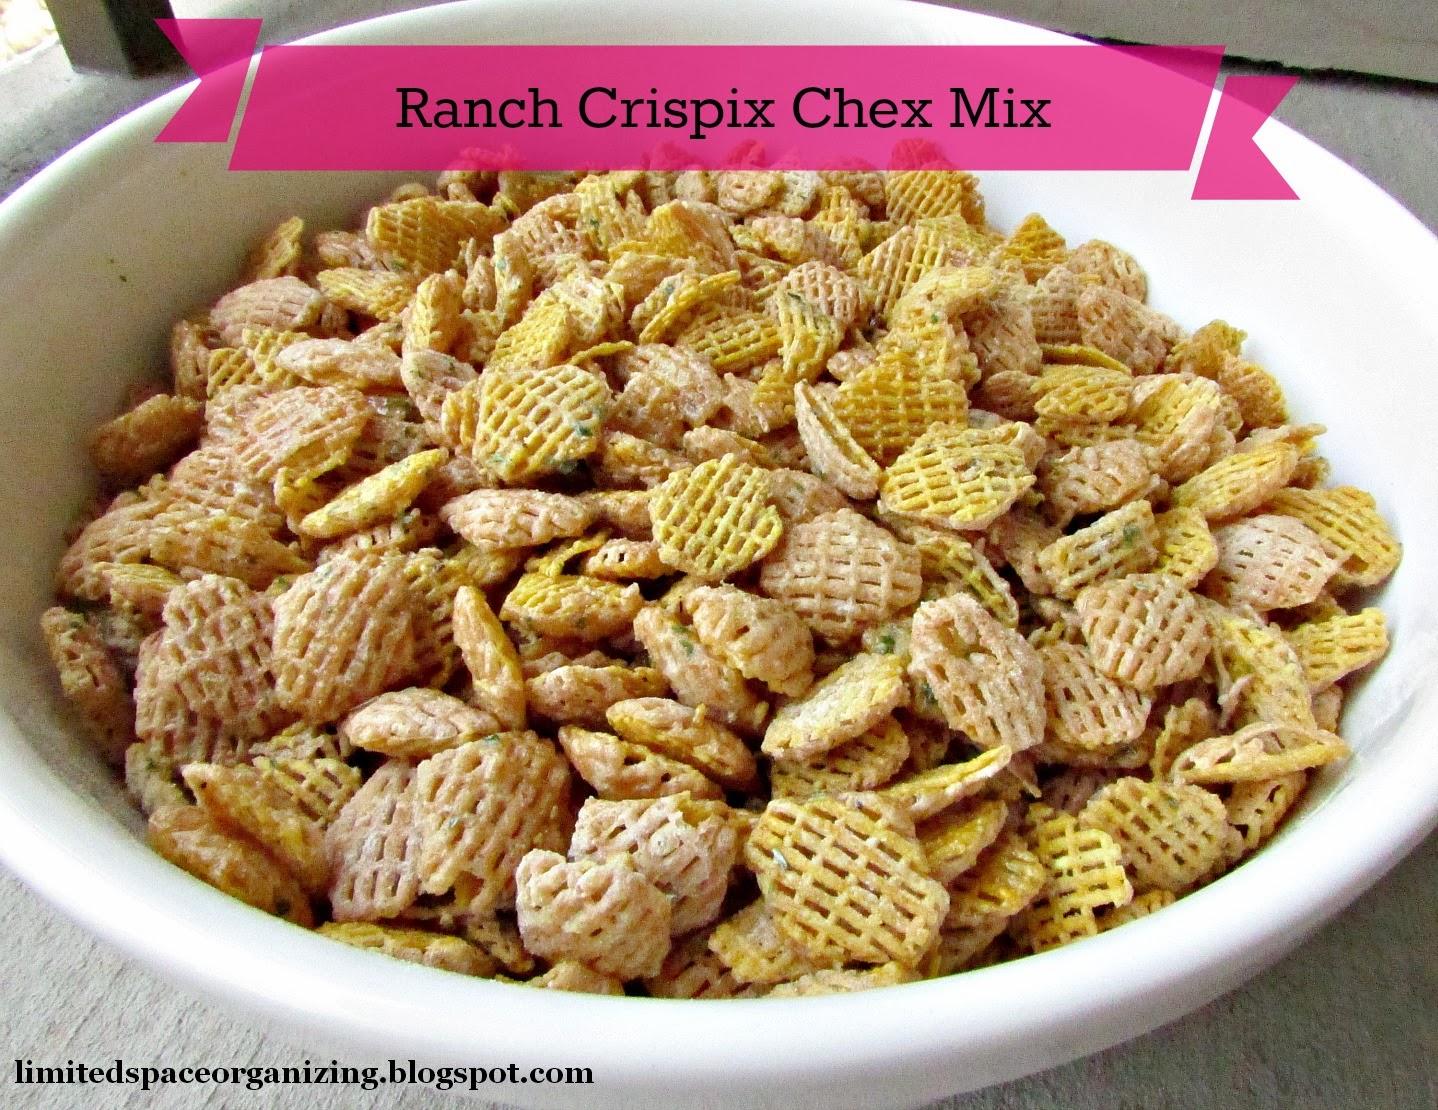 Ranch Crispix Chex Mix